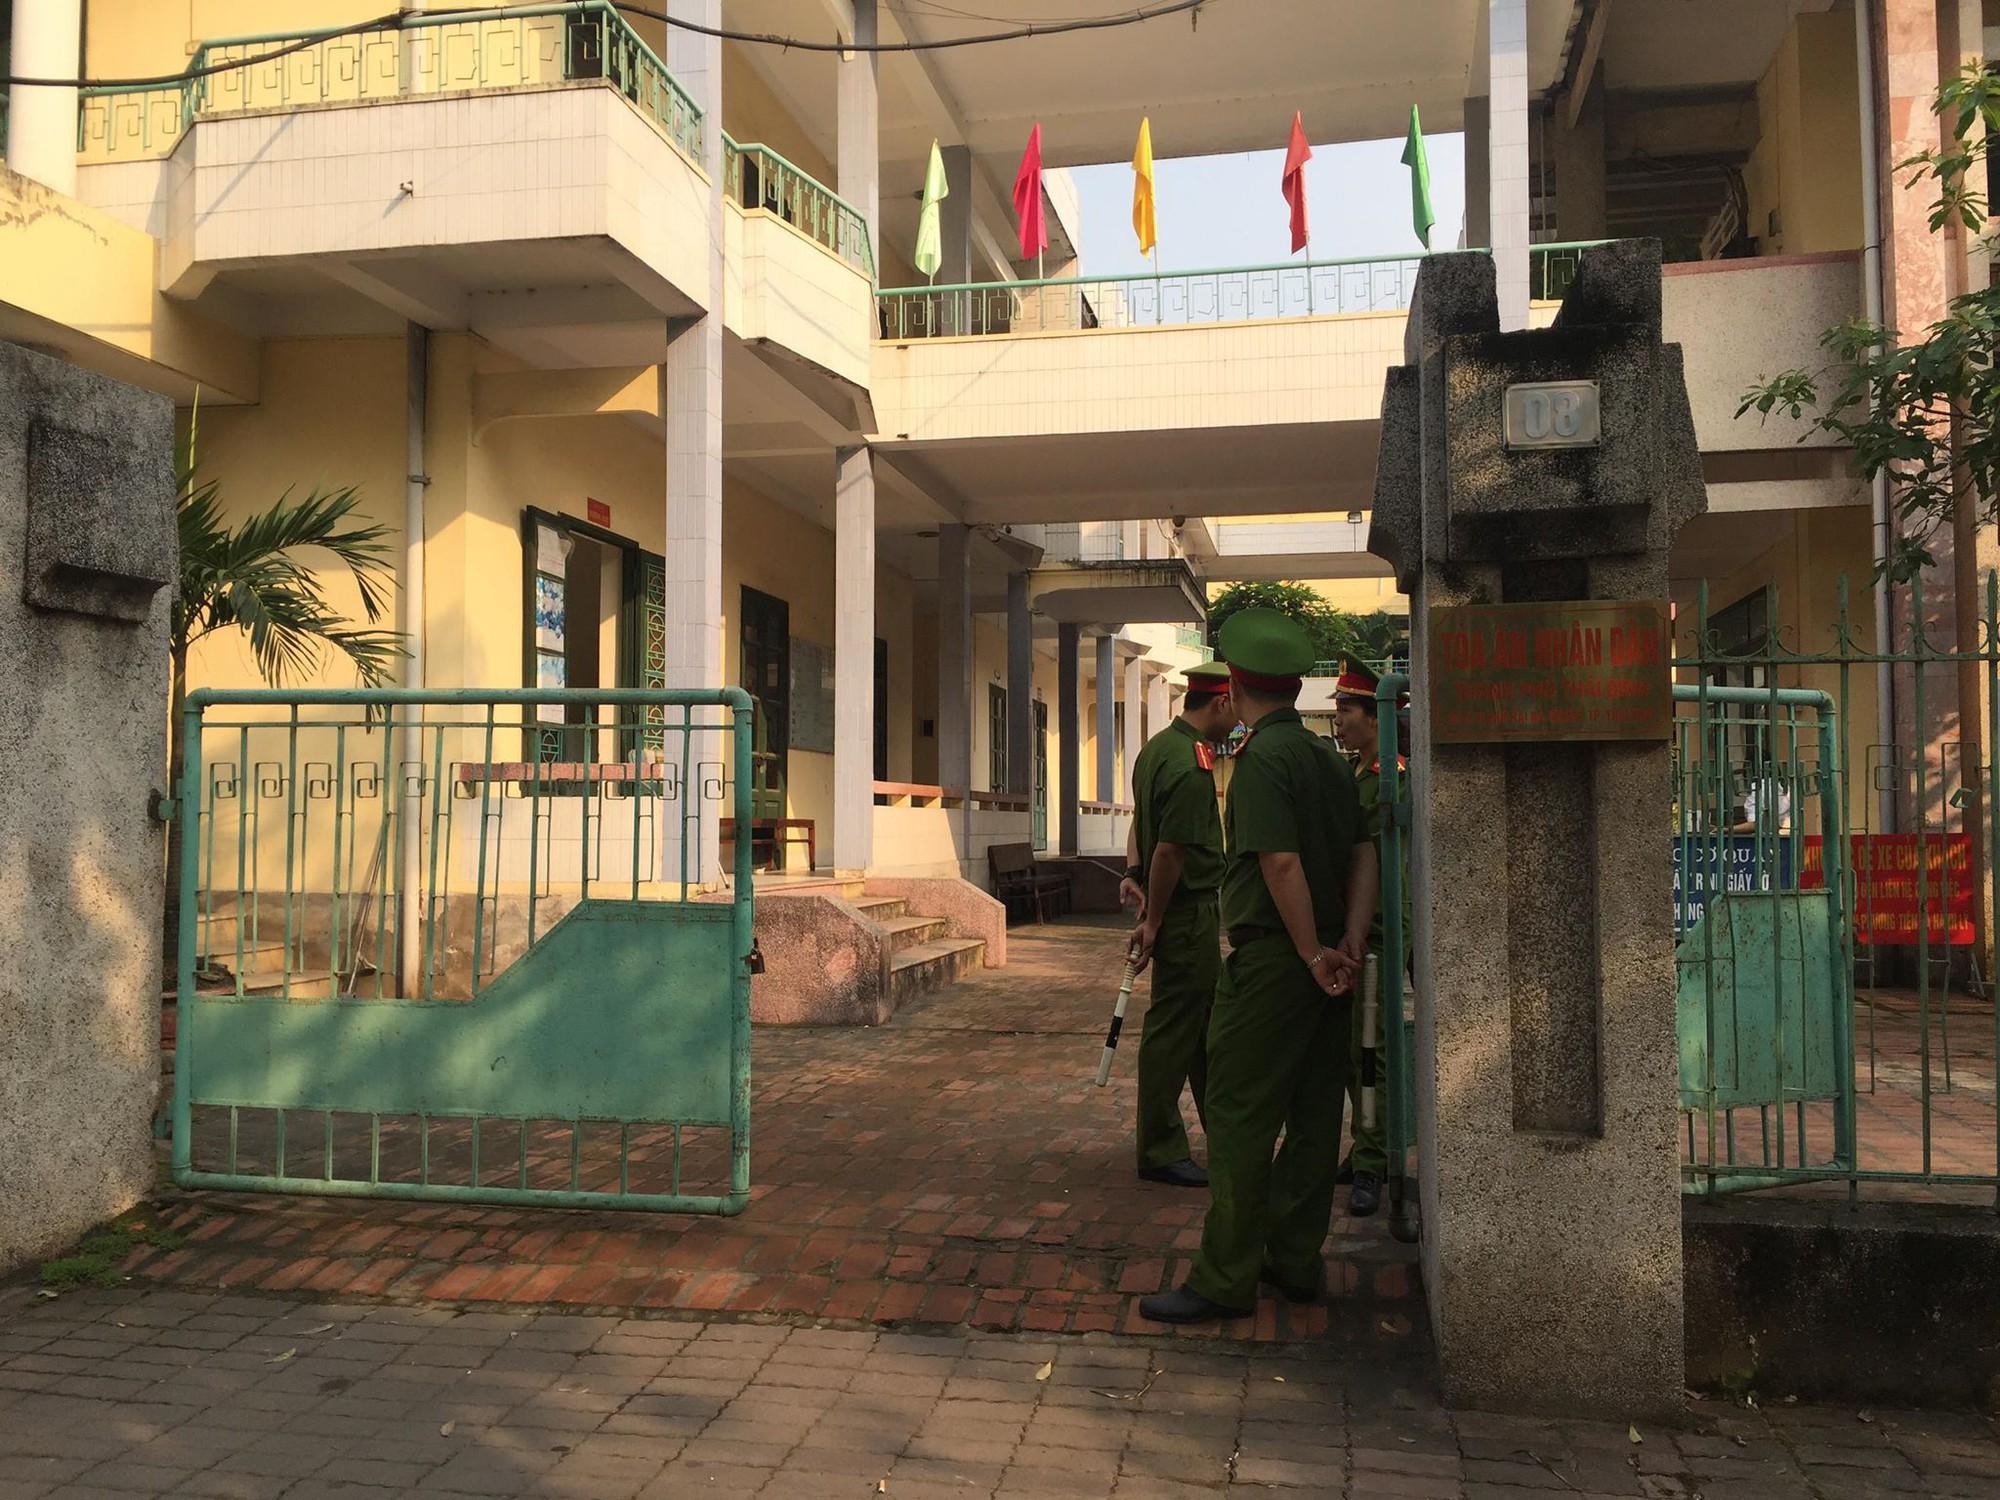 Đang xét xử cựu Thượng tá công an dâm ô nữ sinh 14 tuổi gây rúng động ở Thái Bình - Ảnh 1.